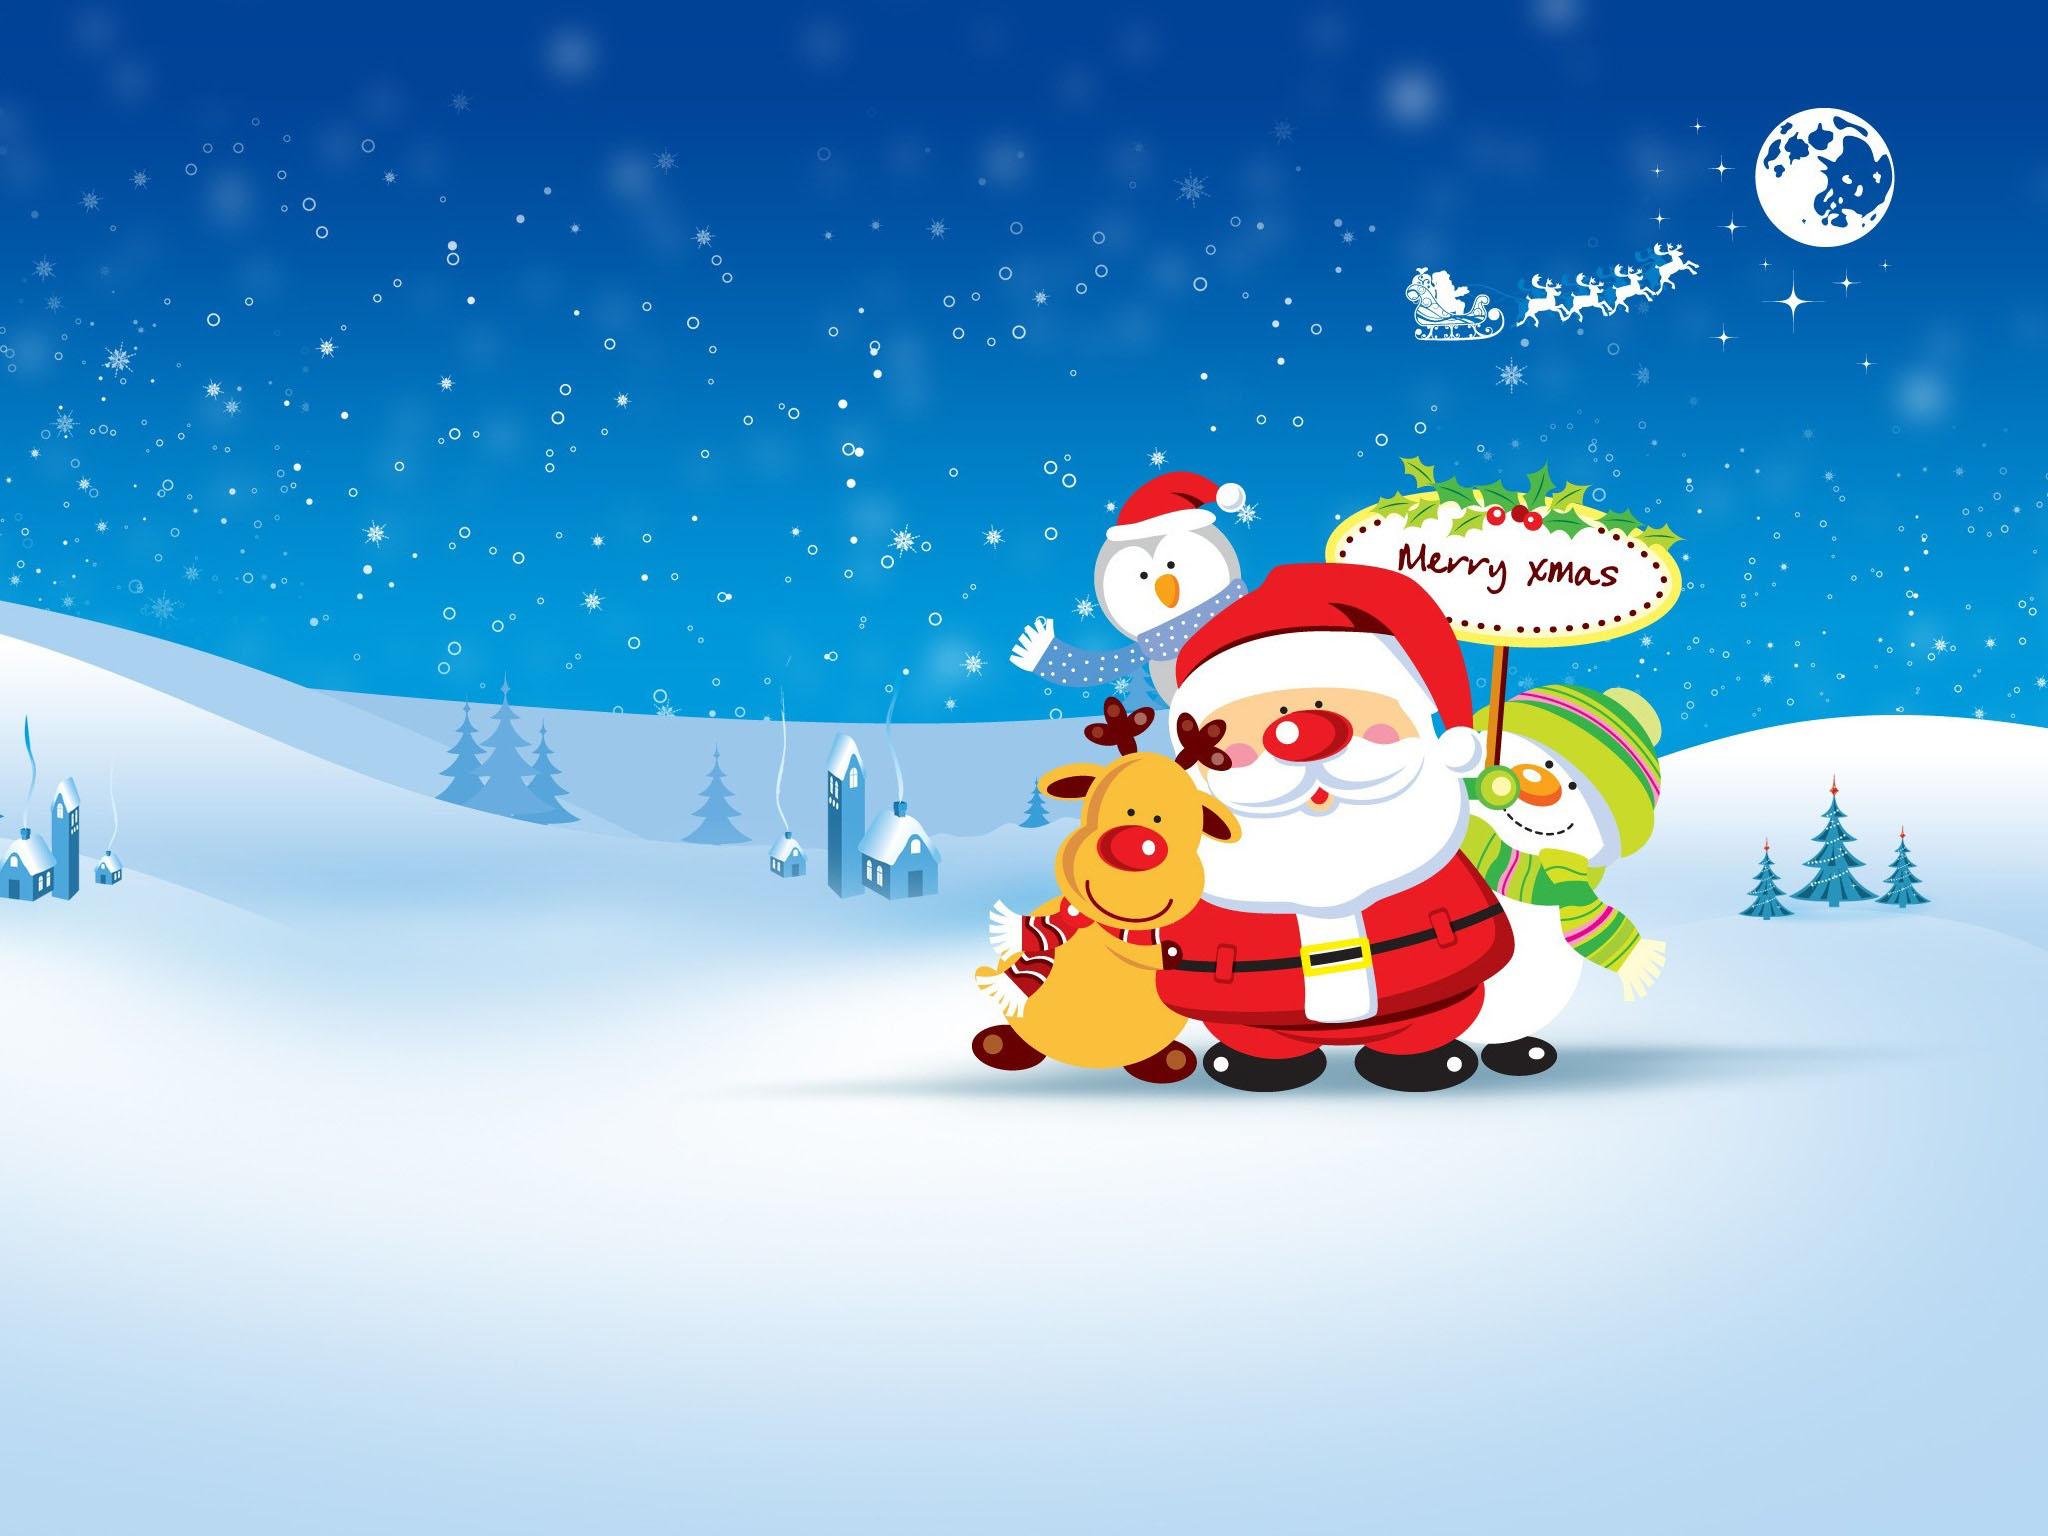 Christmas Wallpaper Cute - Merry Christmas Good Job , HD Wallpaper & Backgrounds